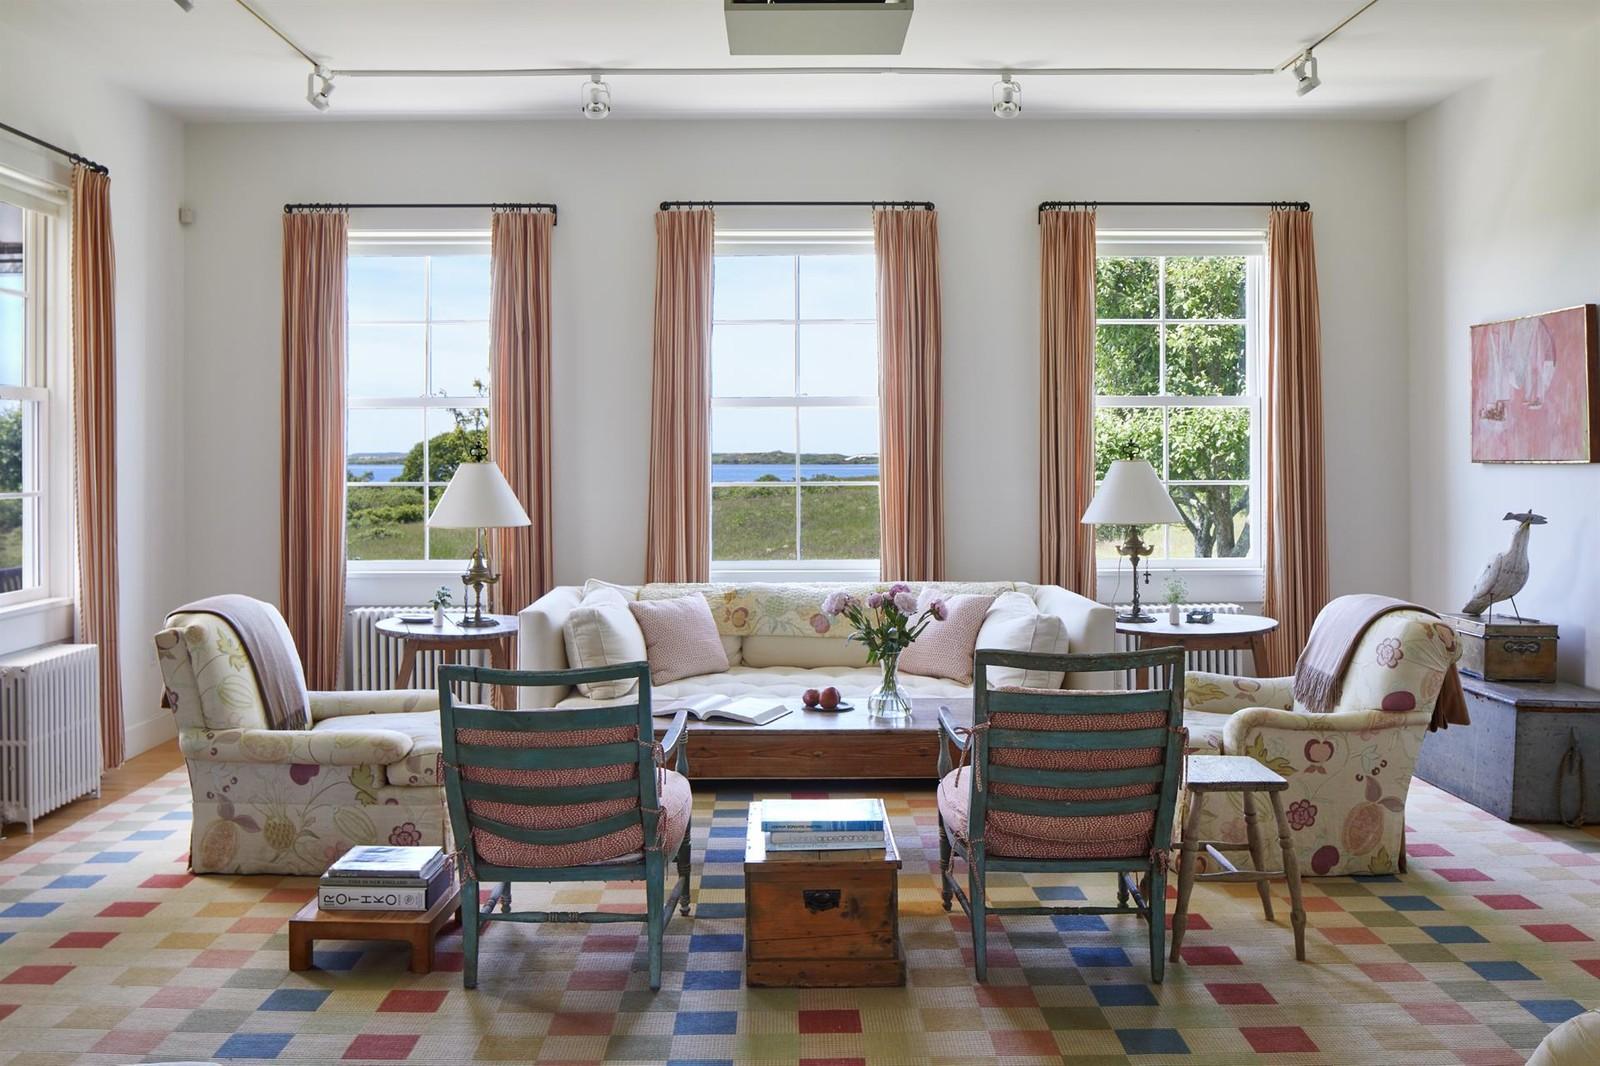 Il soggiorno della casa con vista oceano / christiesrealestate.com